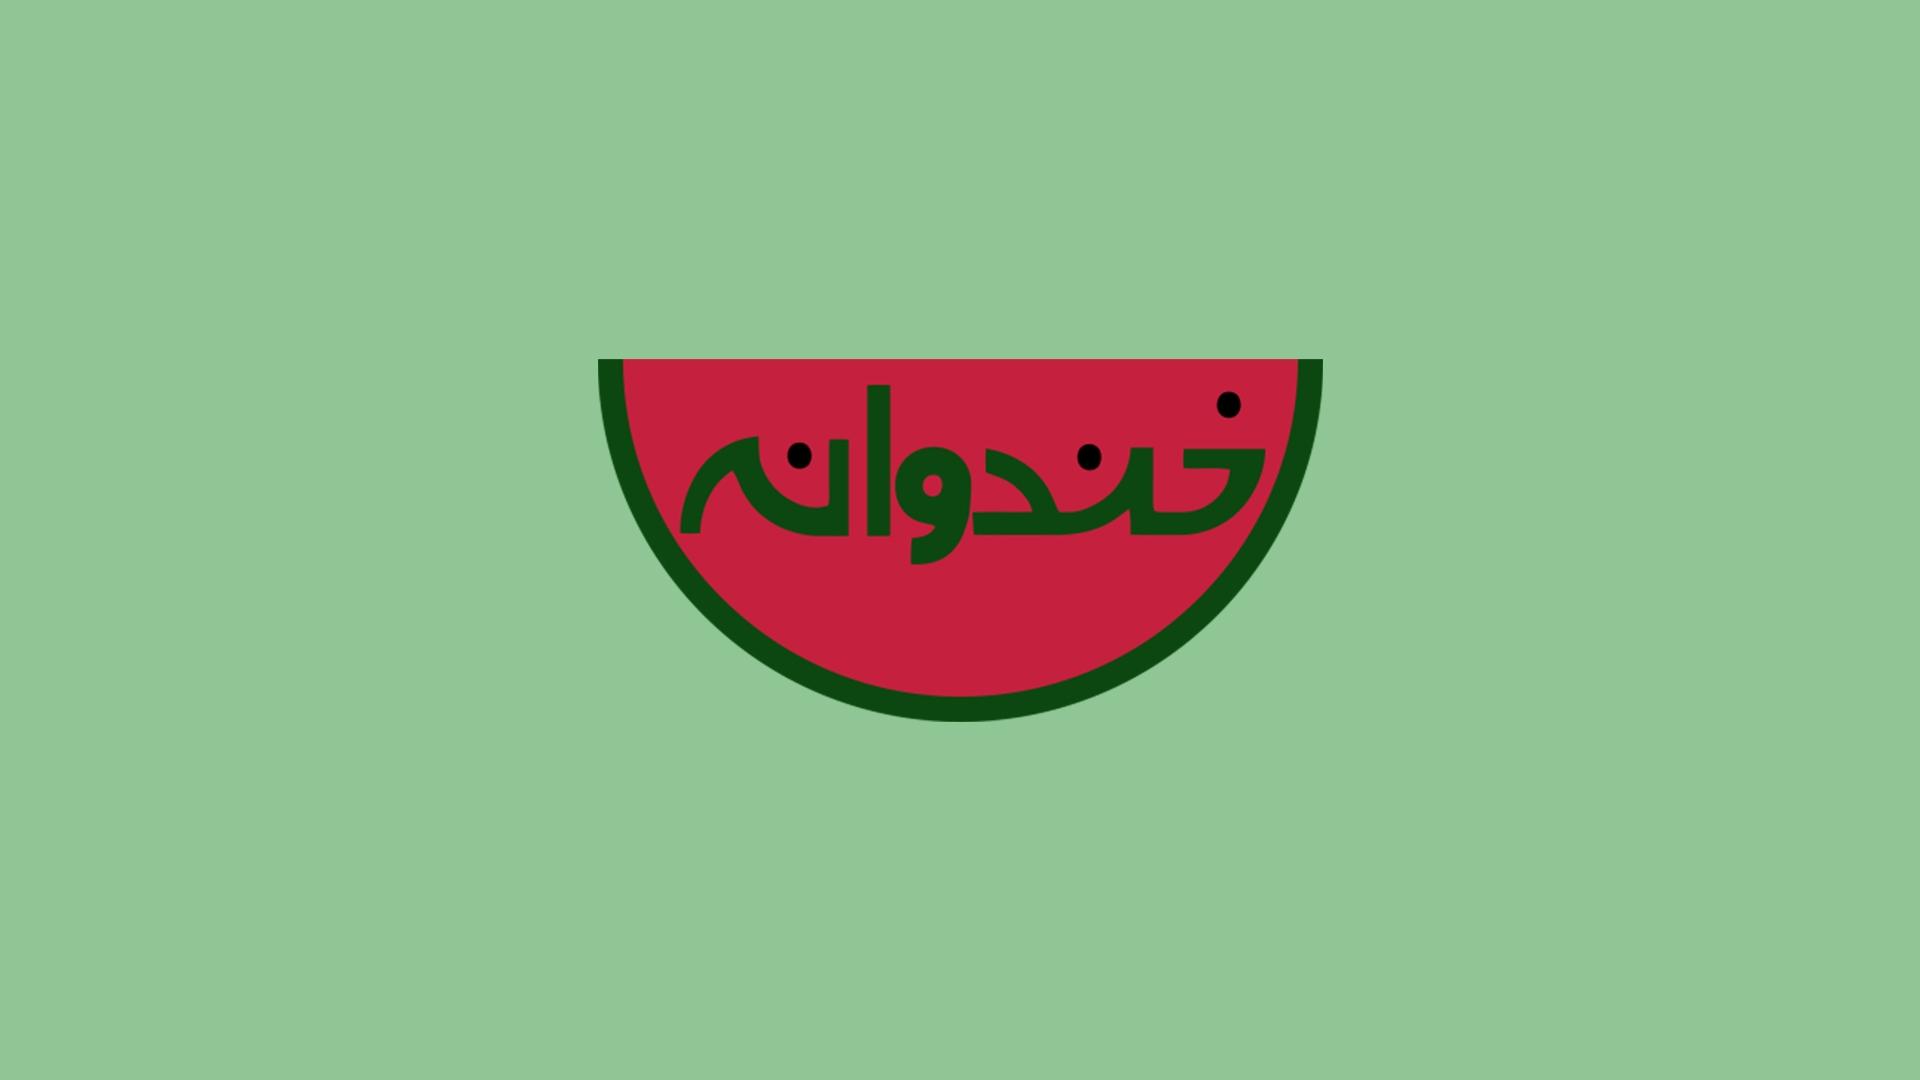 کنایه خندوانه به احمدی نژاد و مشایی+فیلم